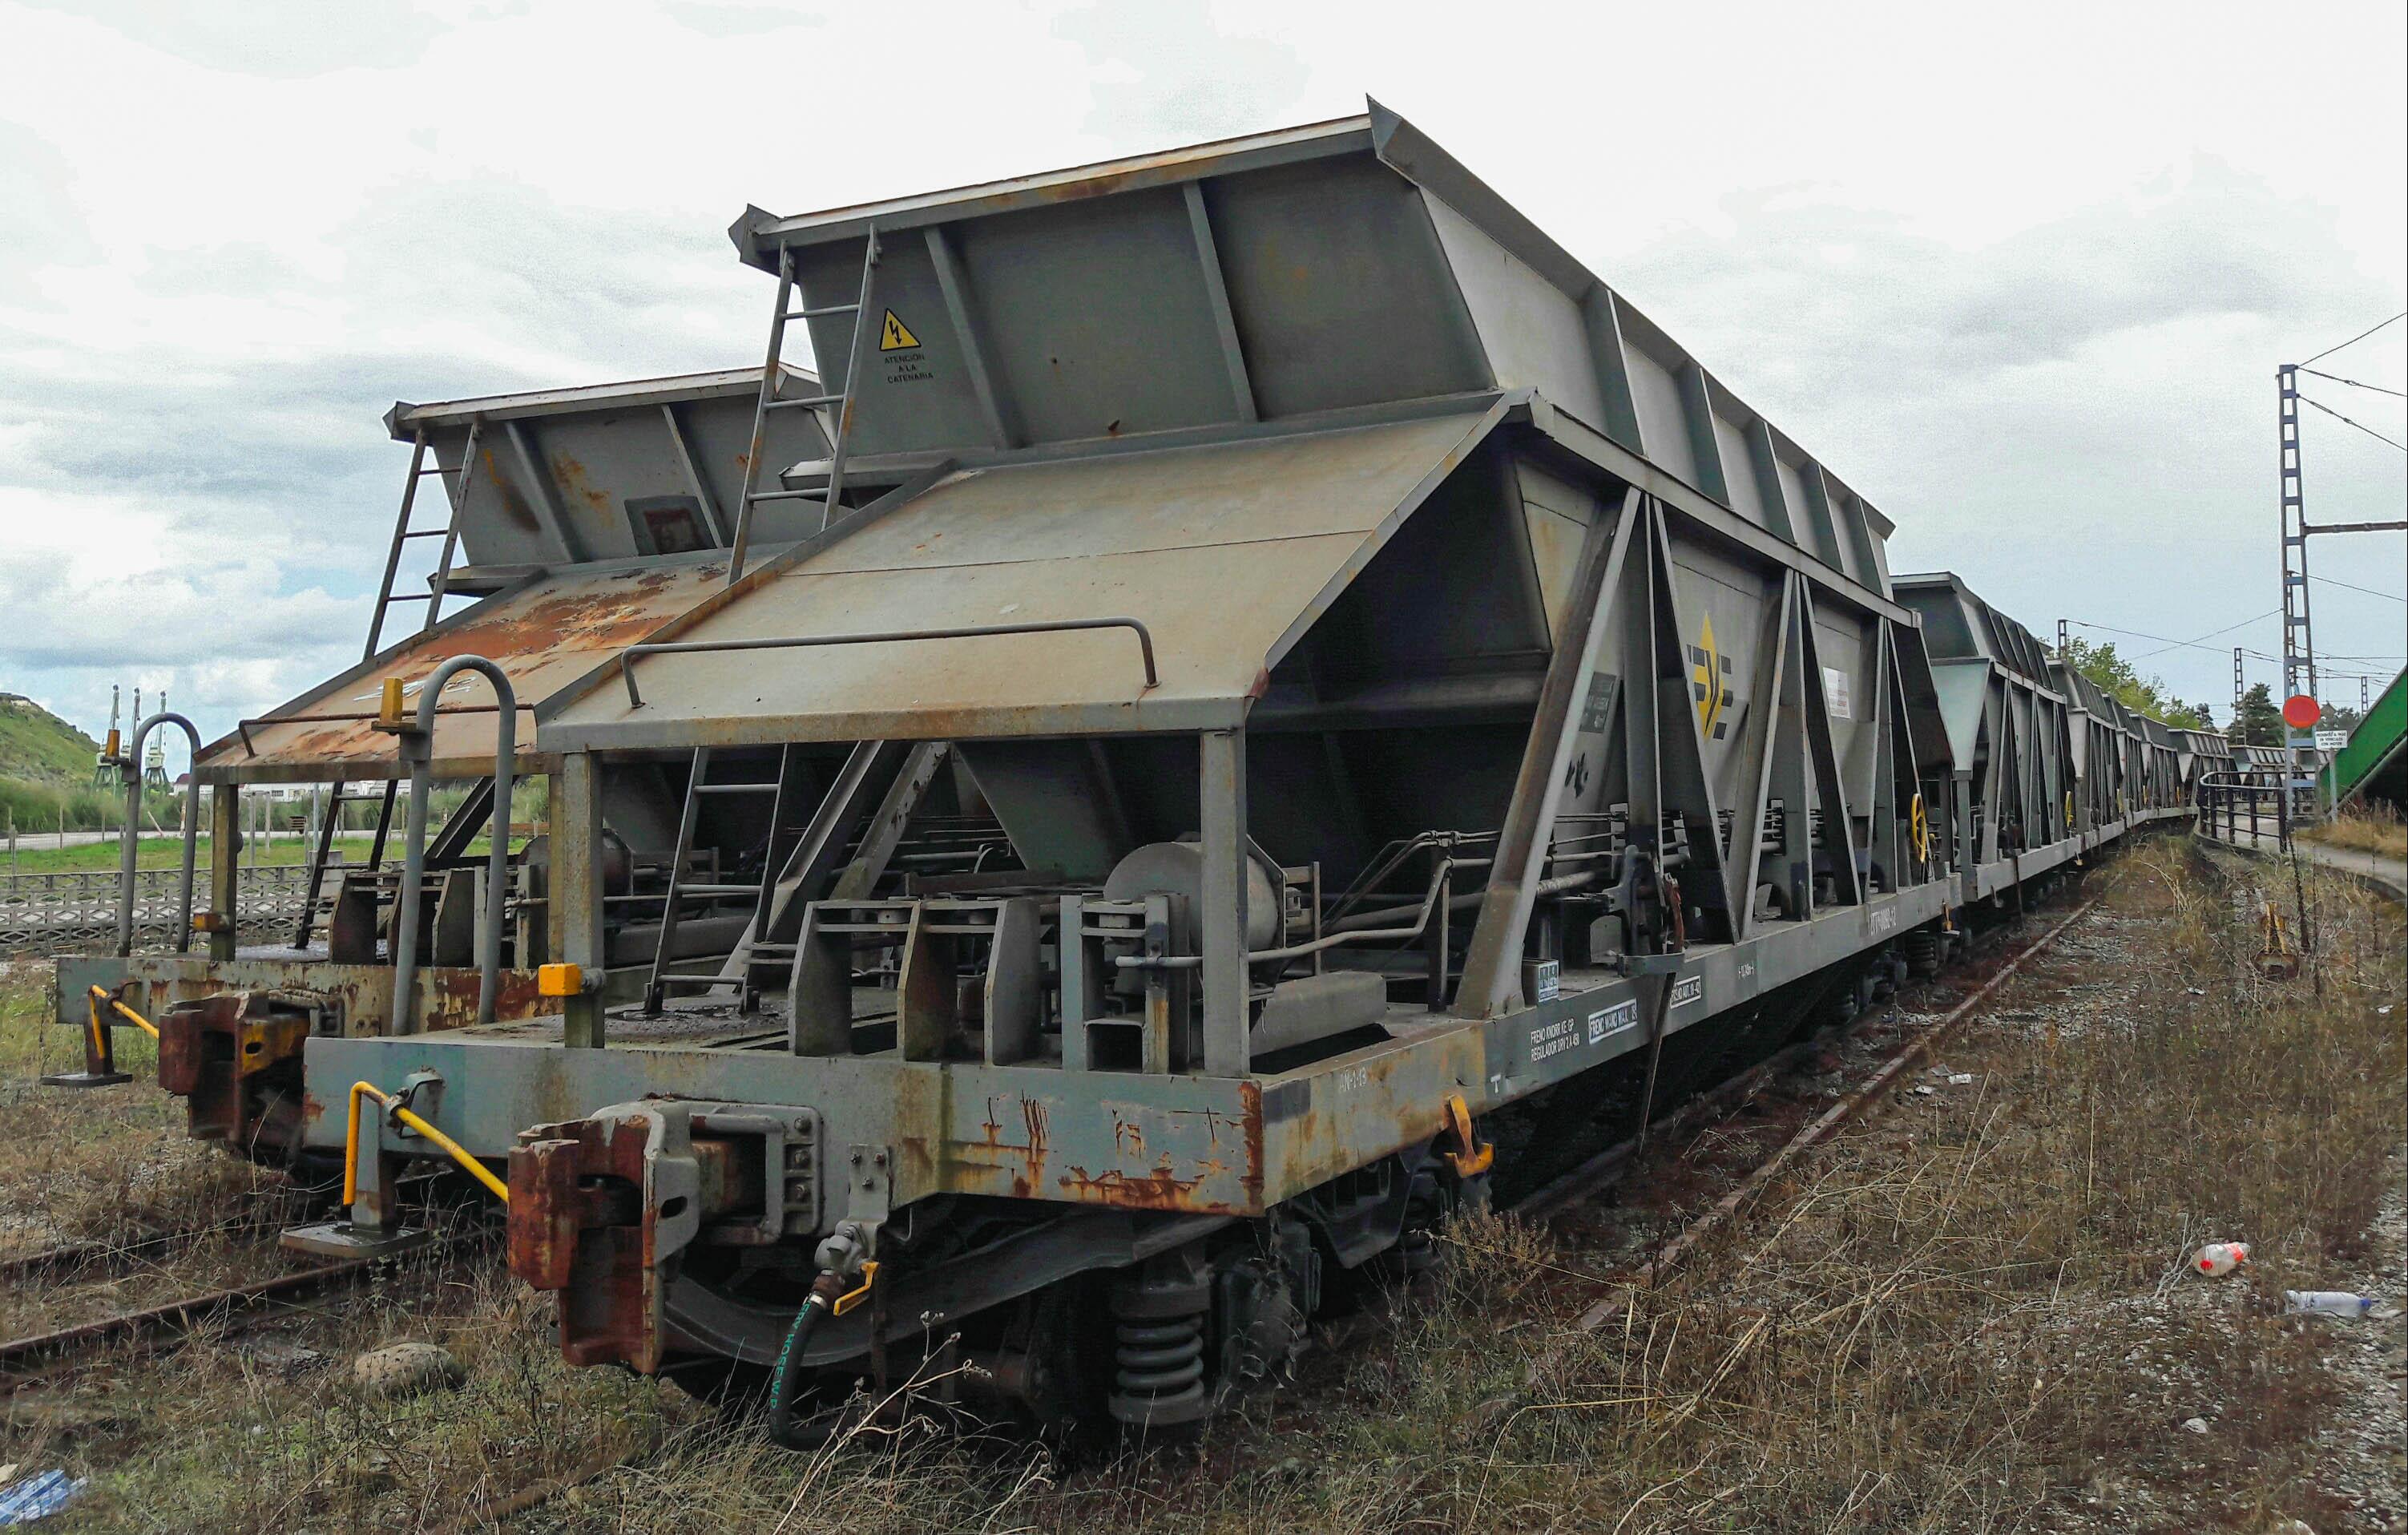 Freight trains at Requejada, Cantabria